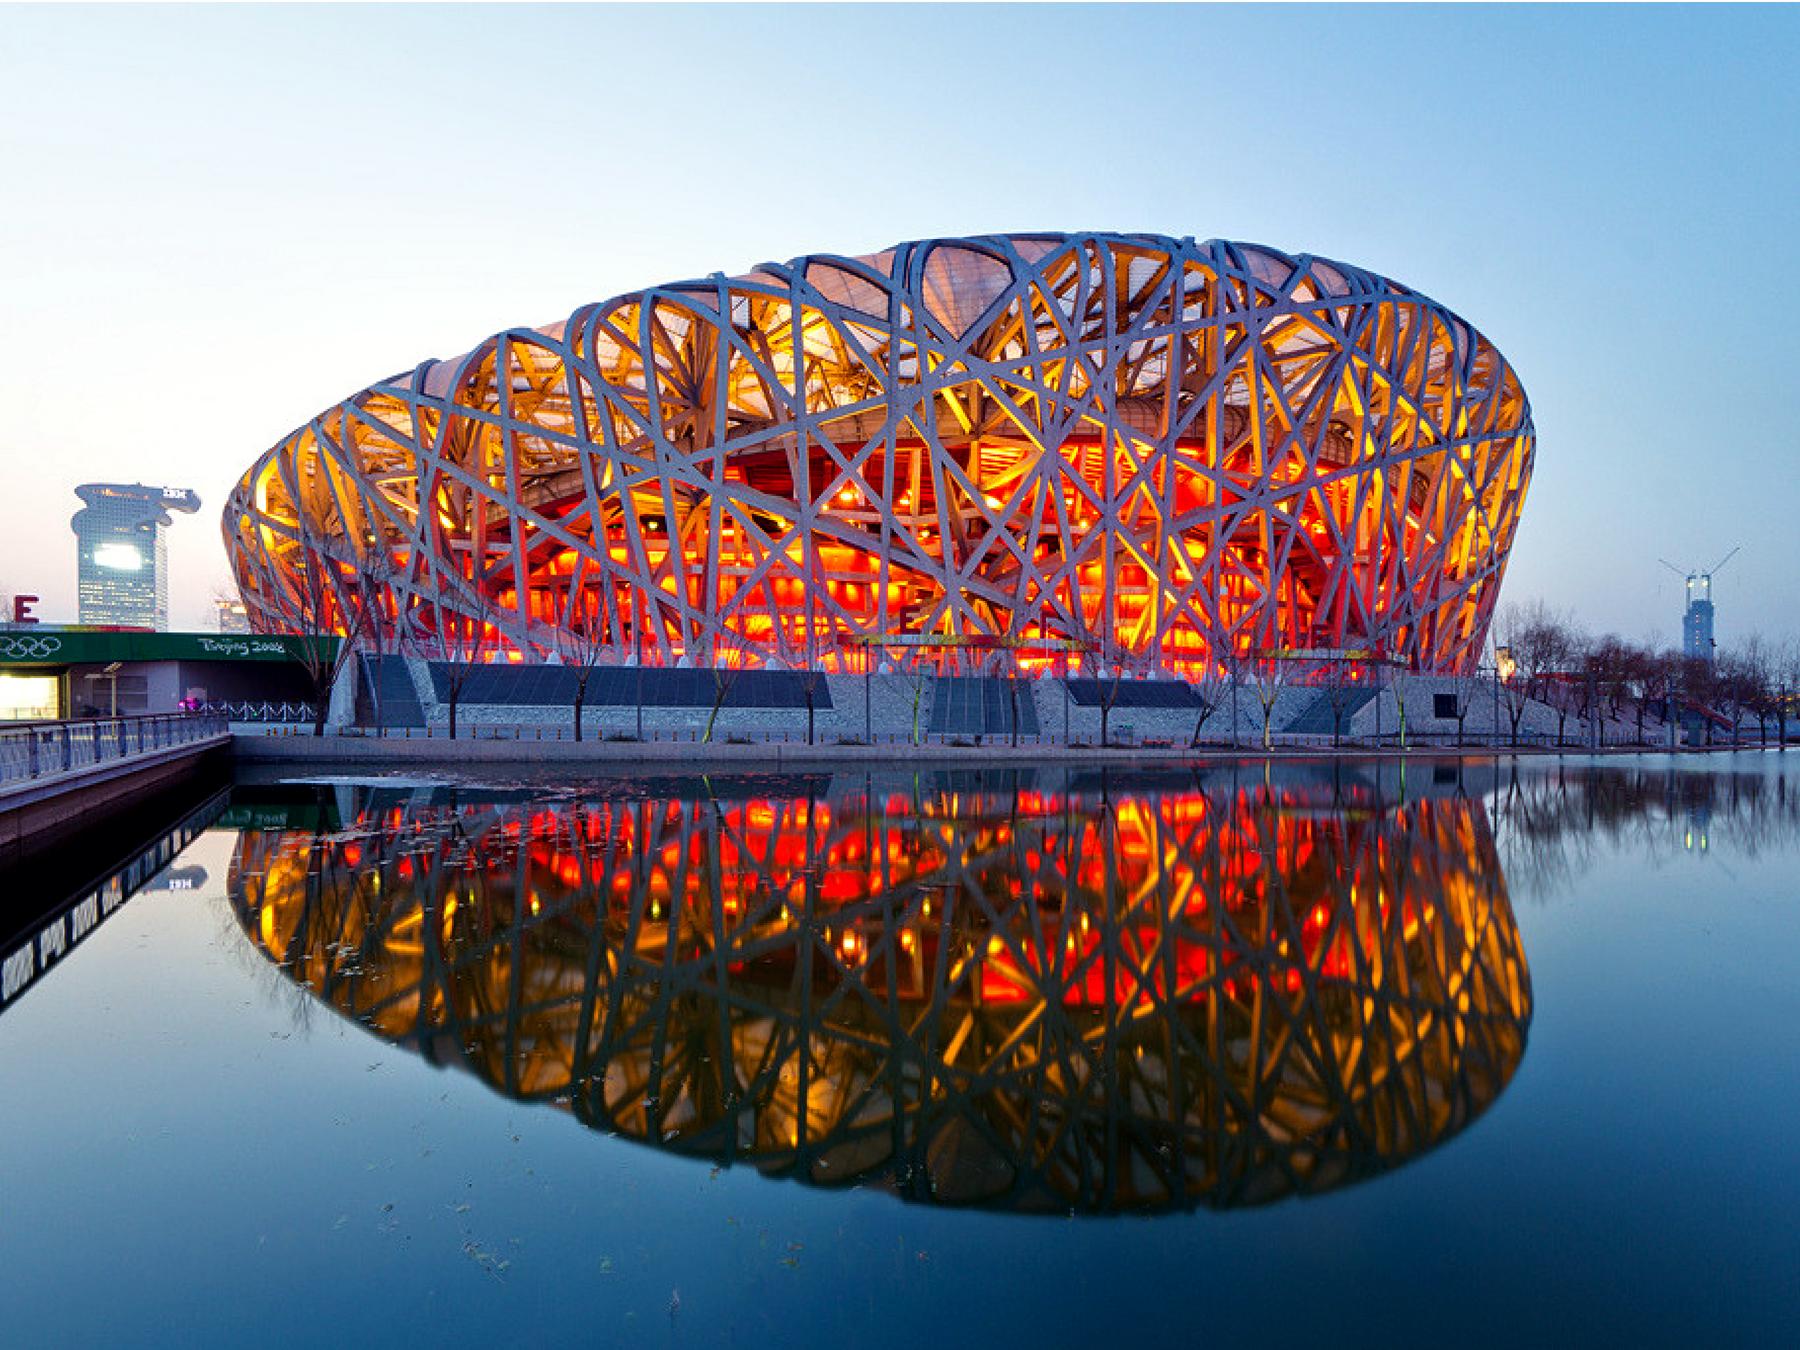 estádios-mais-legais-do-mundo-Calendário-da-copa-ninho-do-passaro Os 20 estádios mais legais do mundo Calendário Copa 2018